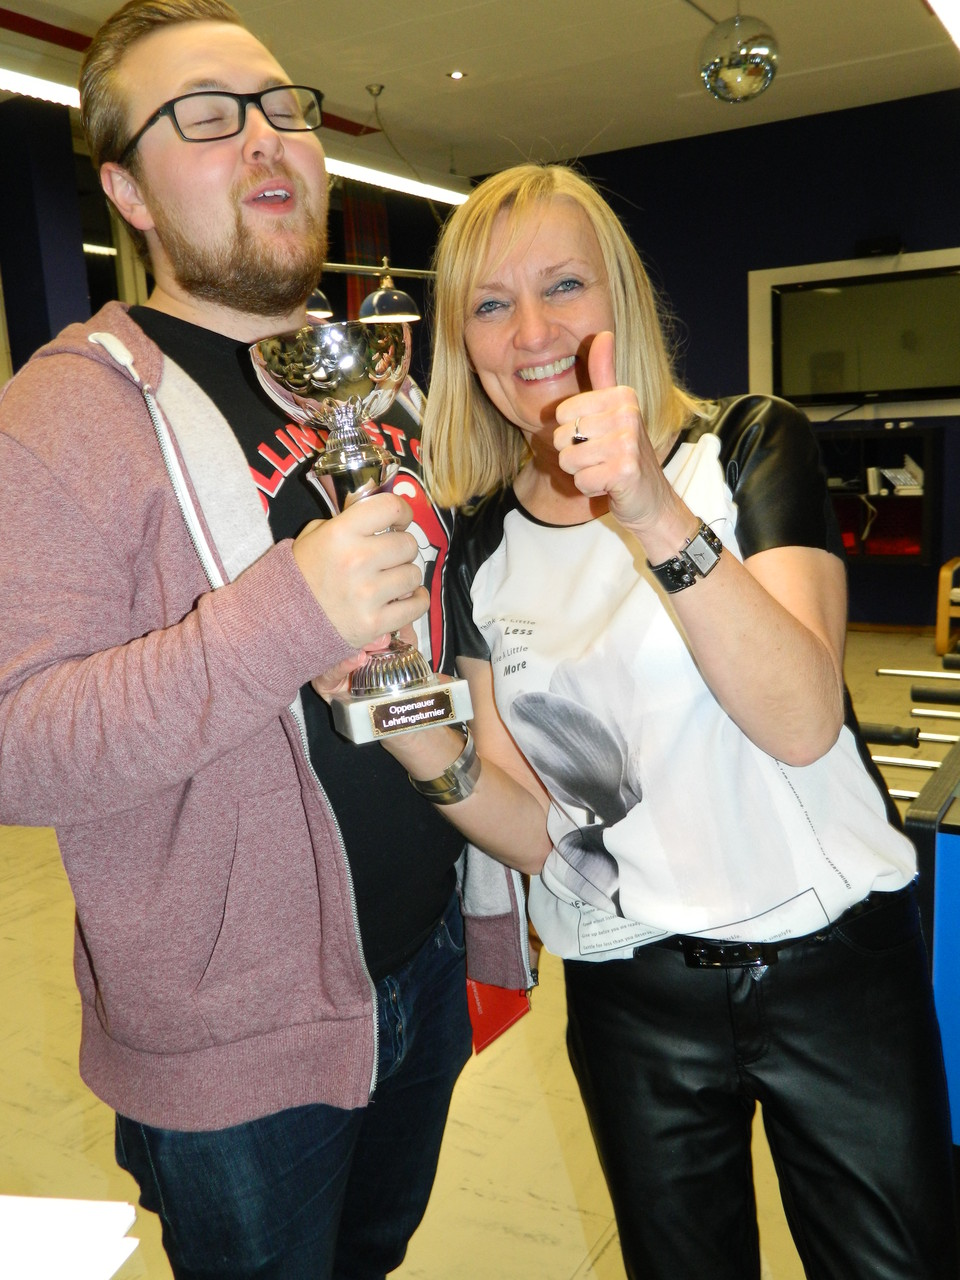 Der Jugendbeiratssprecher Daniel und unsere liebe Susanne :)